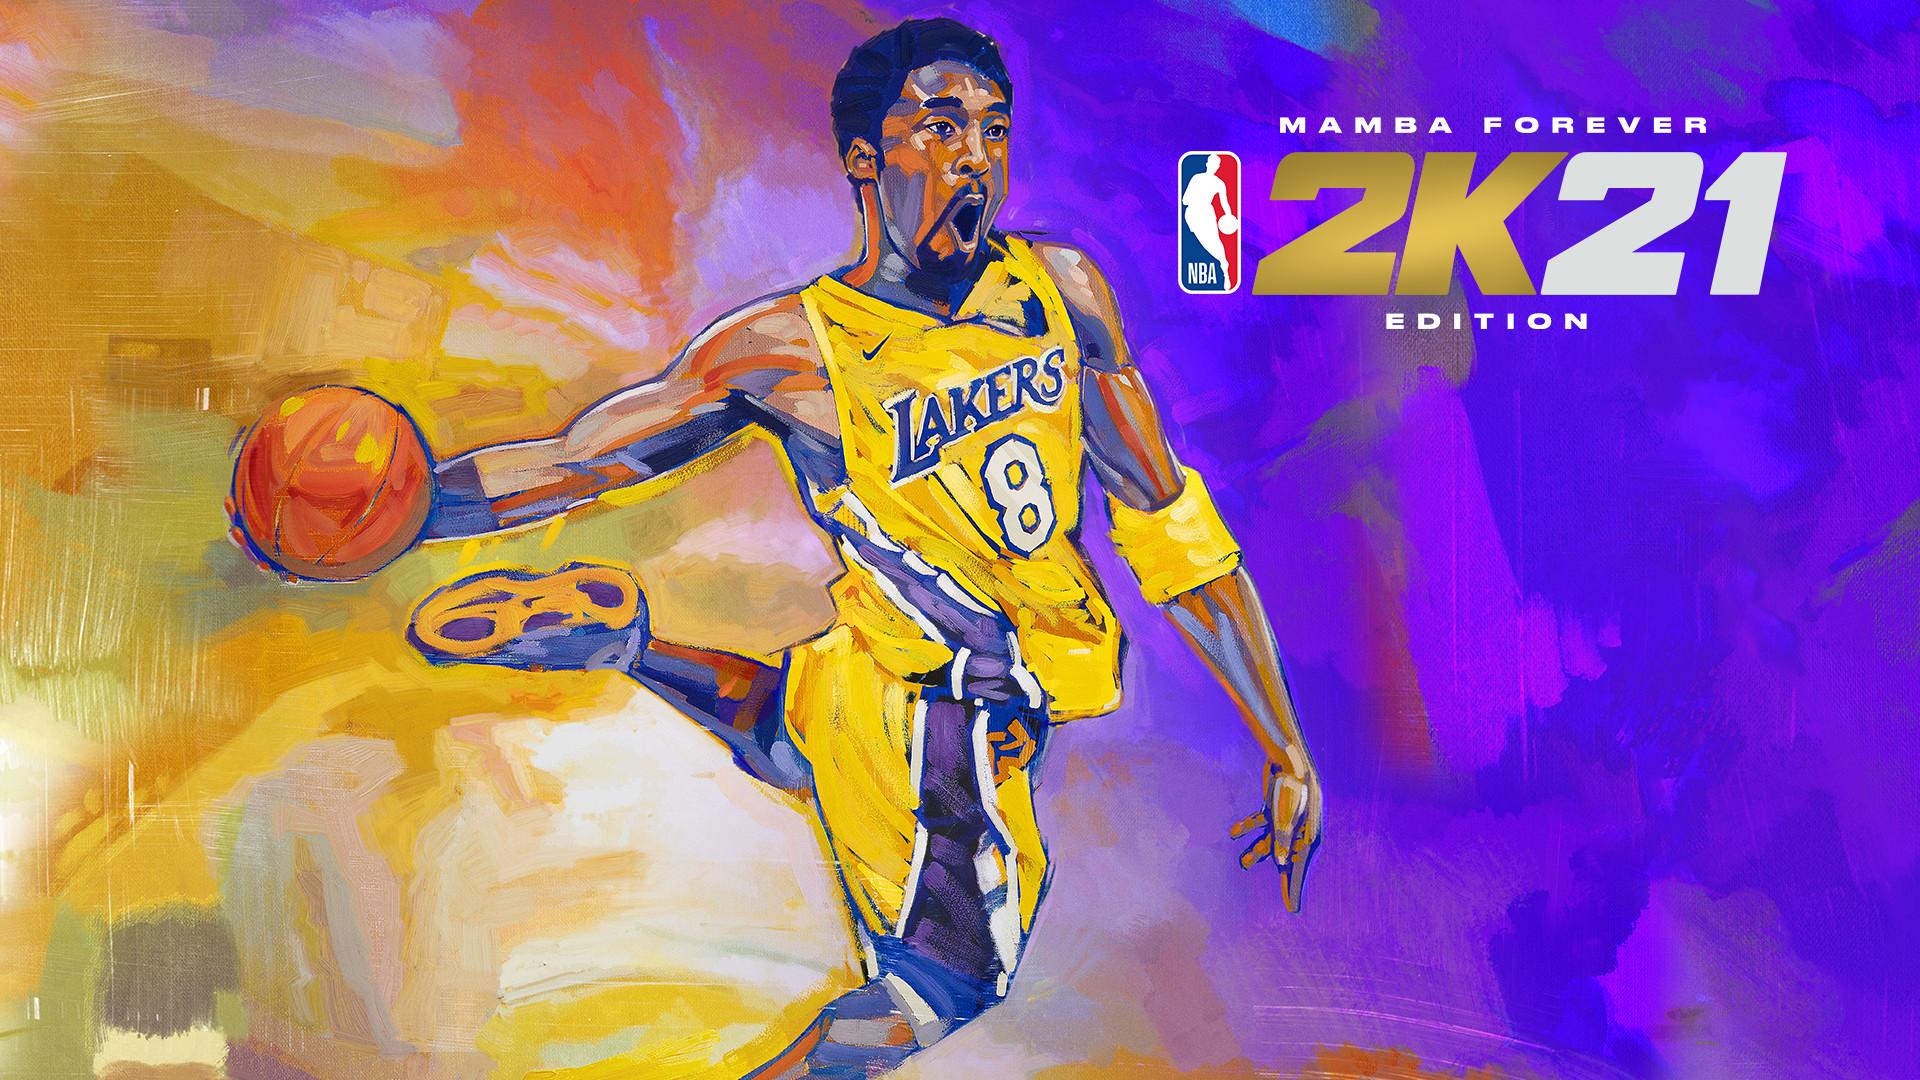 《NBA 2K21》游戏截图